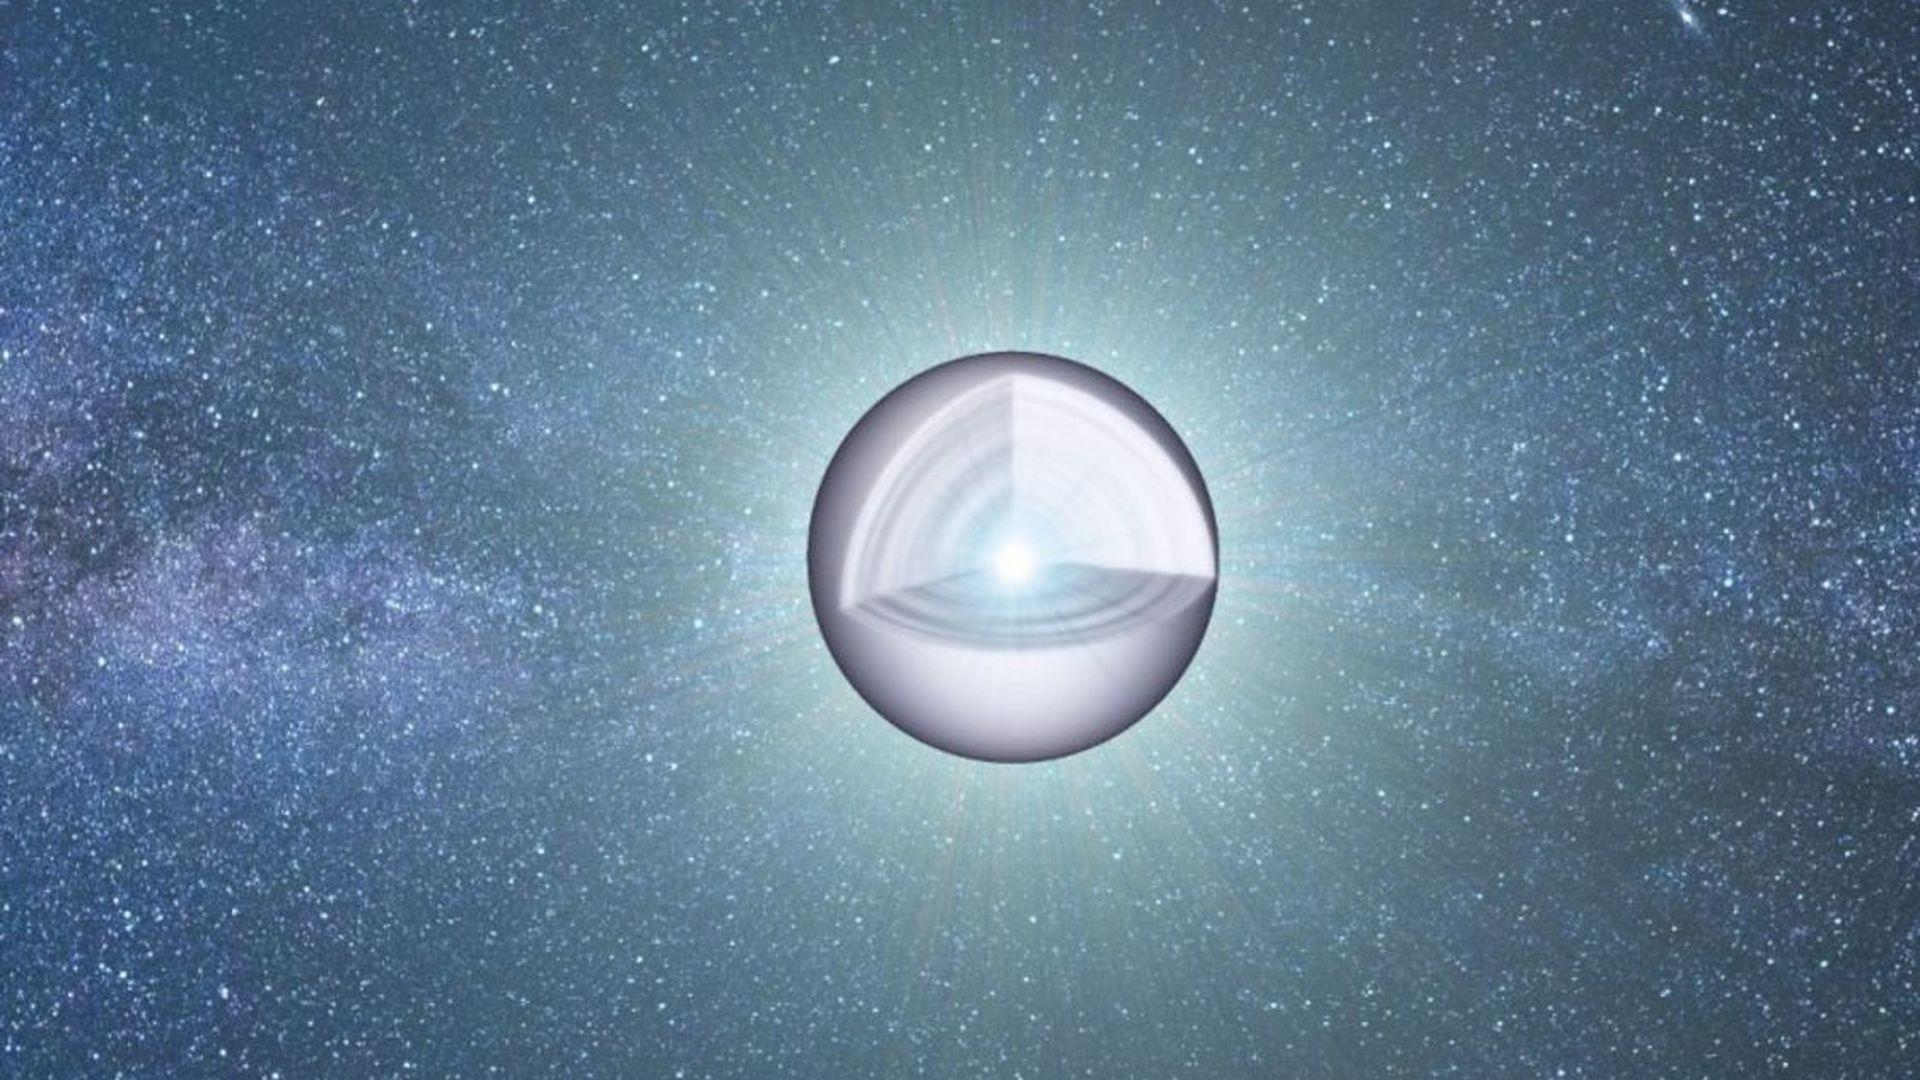 Солнце превратится в огромный  алмаз после смерти, утверждают  ученые